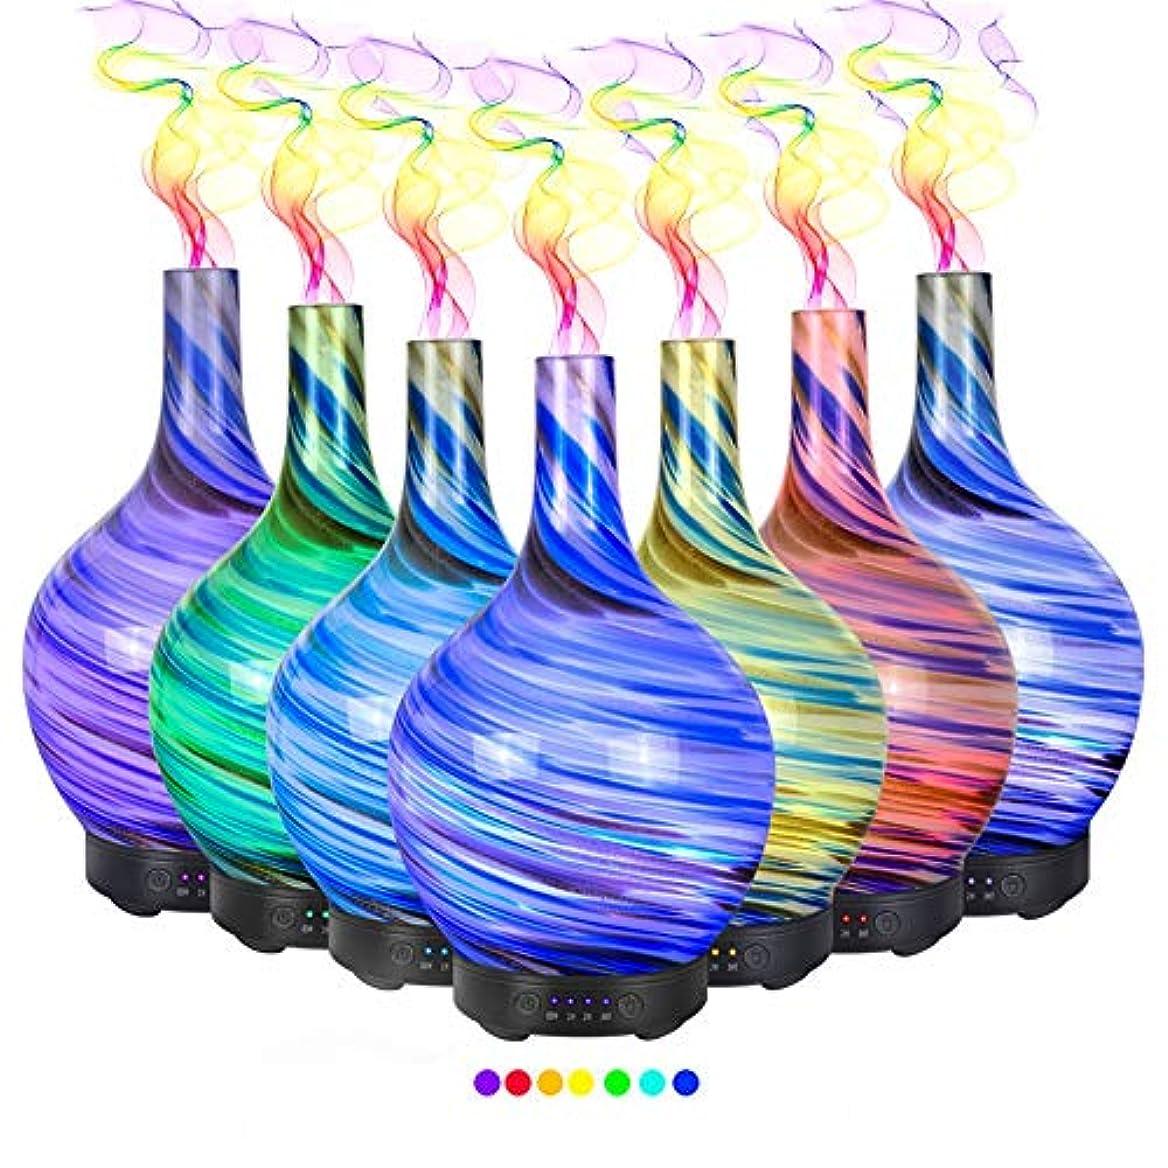 歪めるカポック塗抹エッセンシャルオイル用ディフューザー (100ml)-3d アートガラストルネードアロマ加湿器7色の変更 LED ライト & 4 タイマー設定、水なしの自動シャットオフ